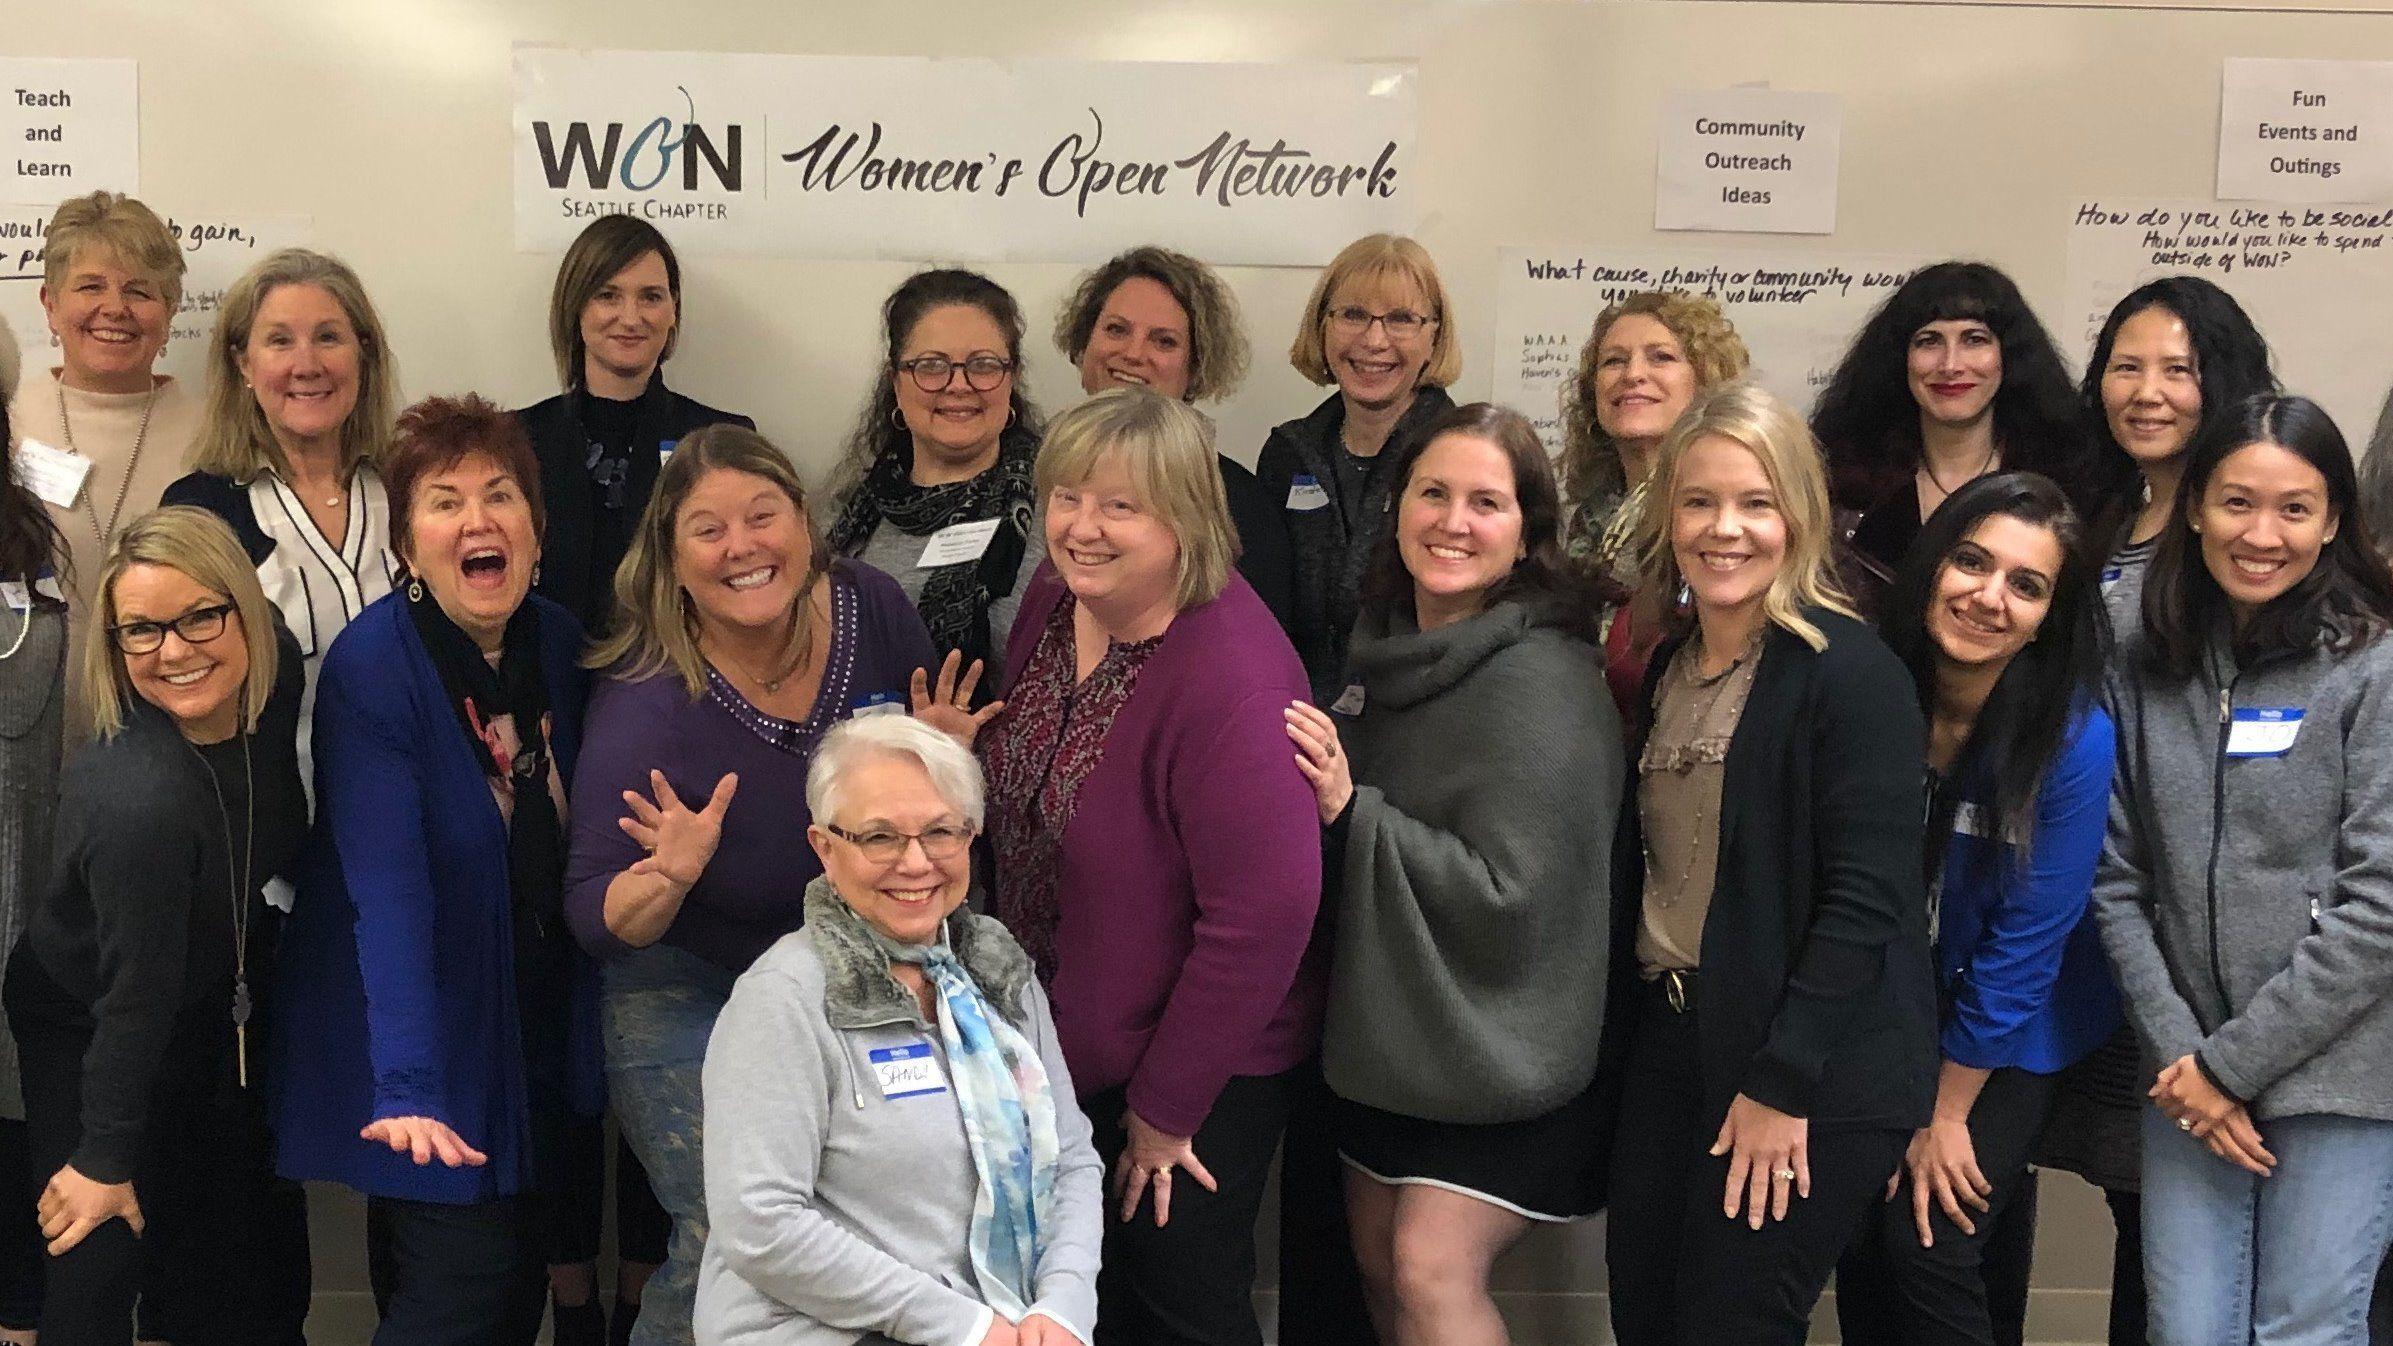 WON - Women's Open Network